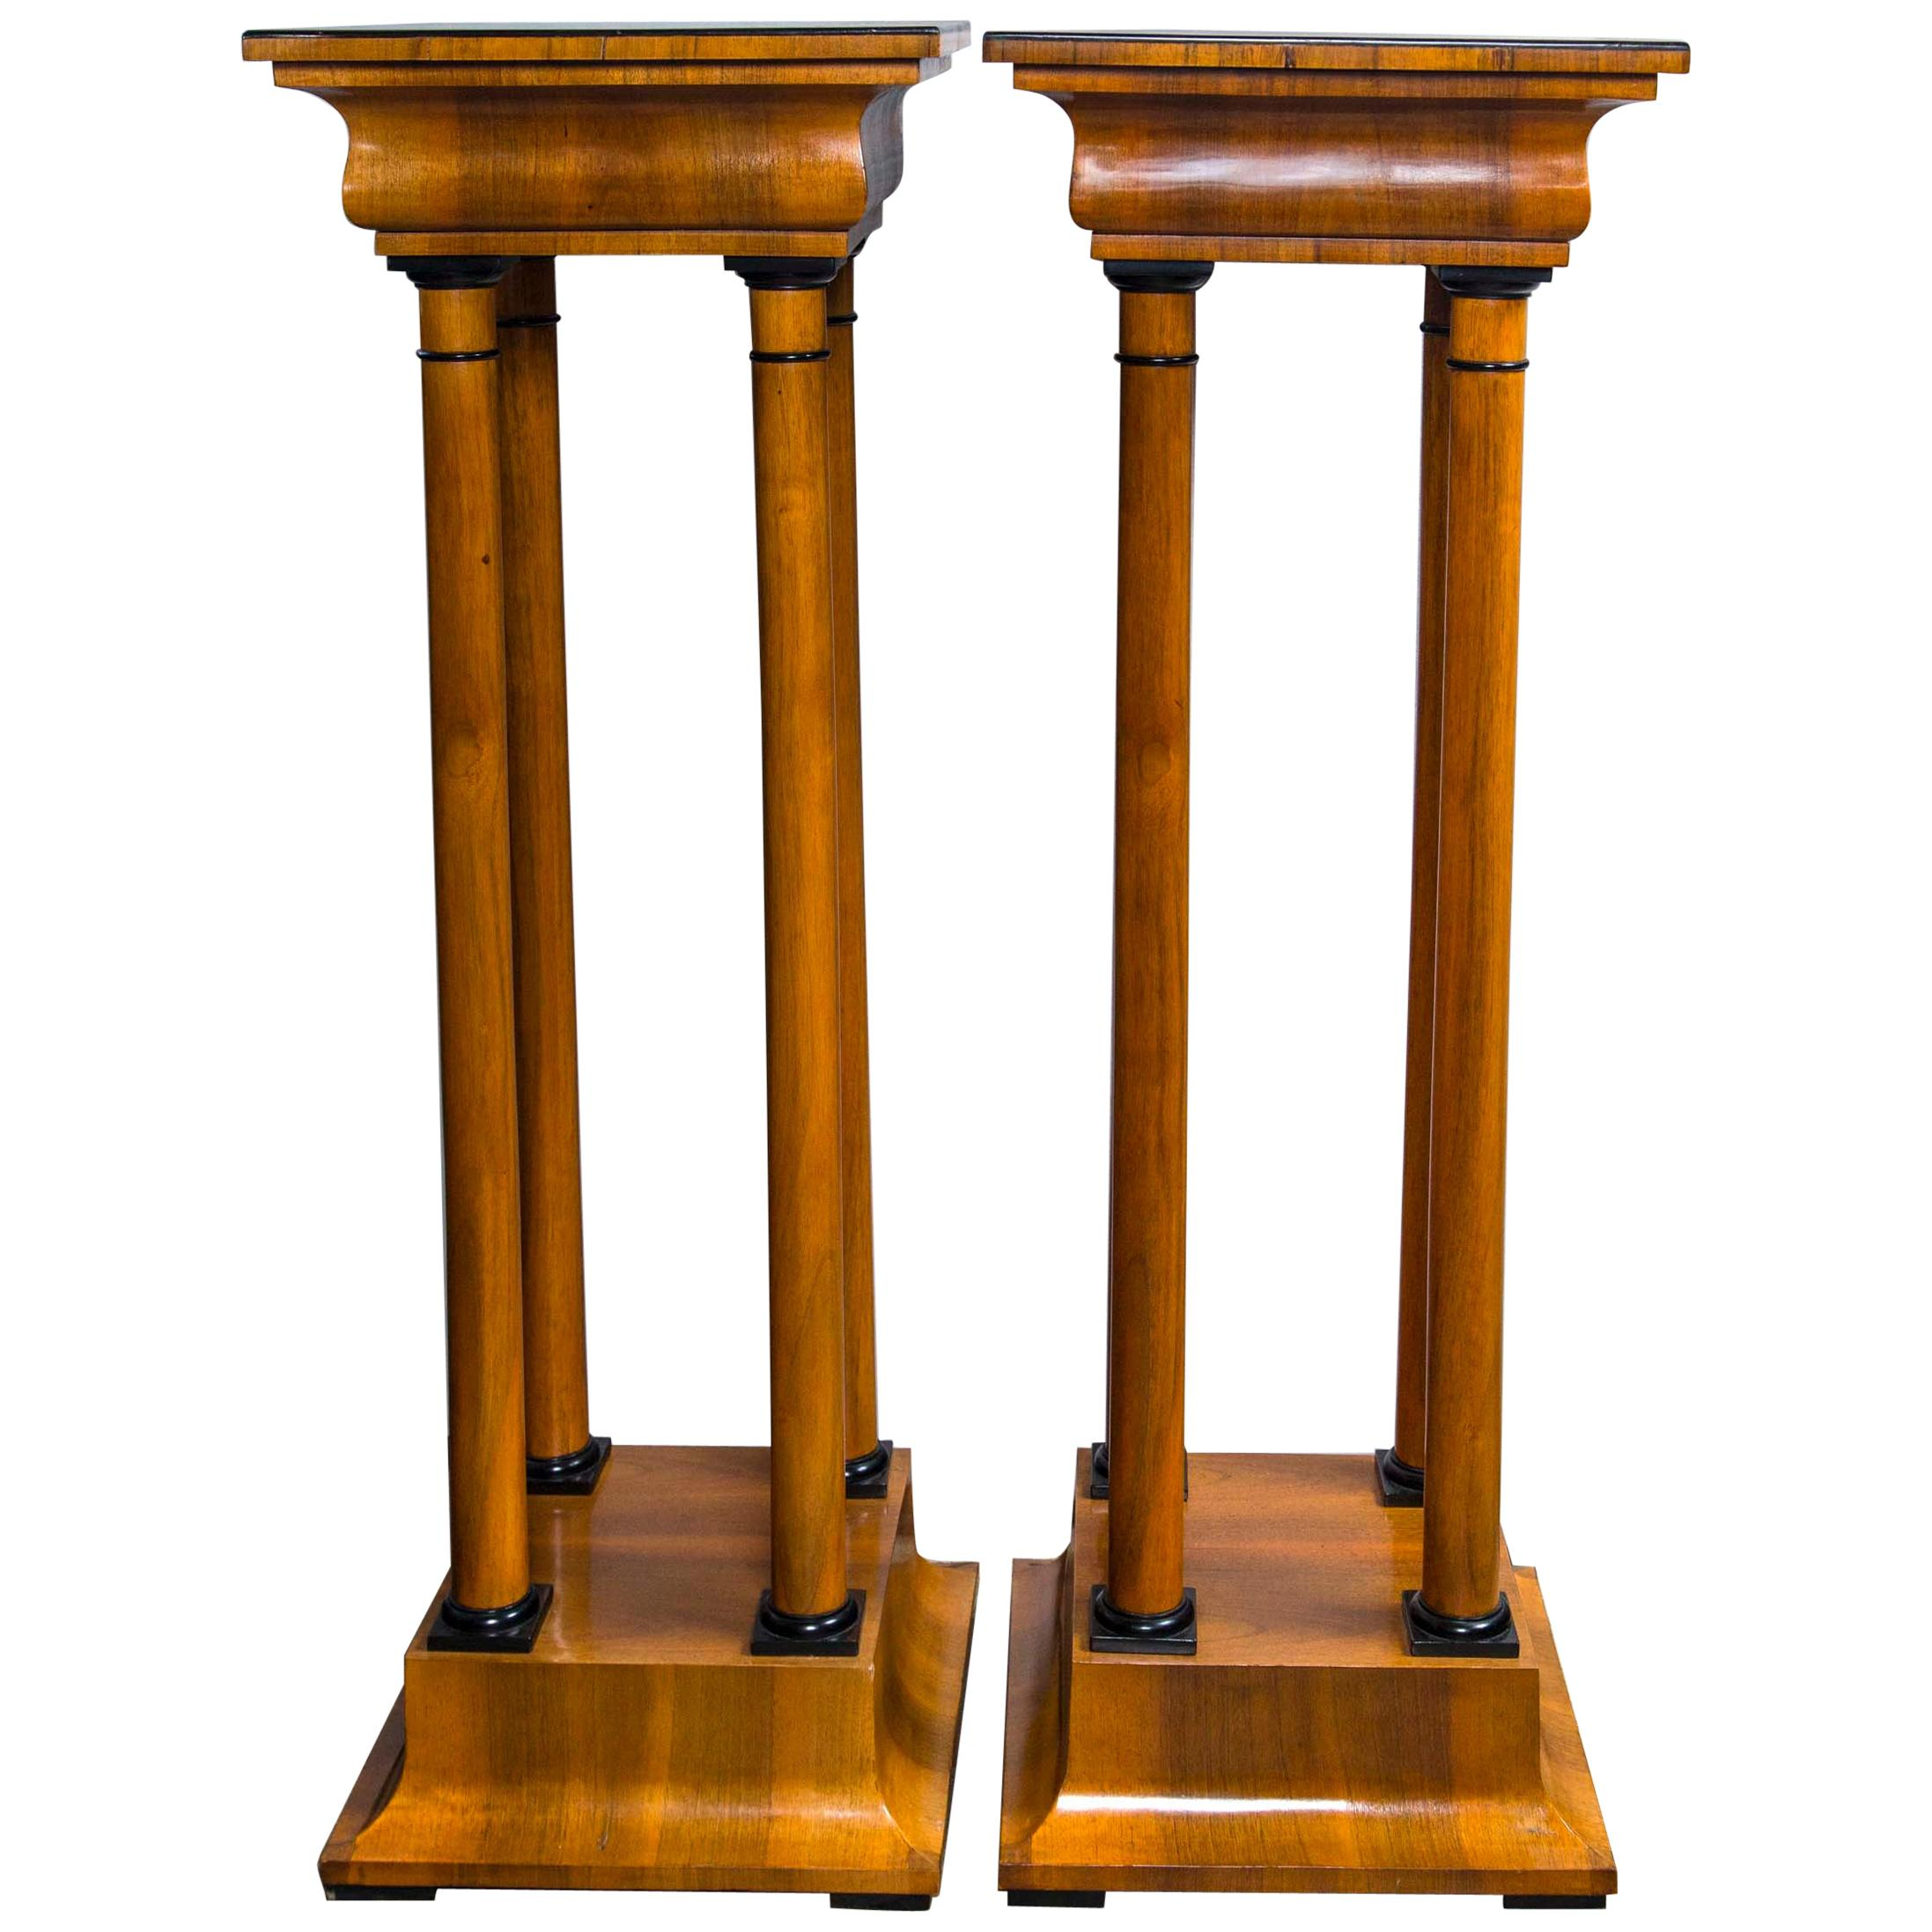 Pair of Biedermeier Style Plinths